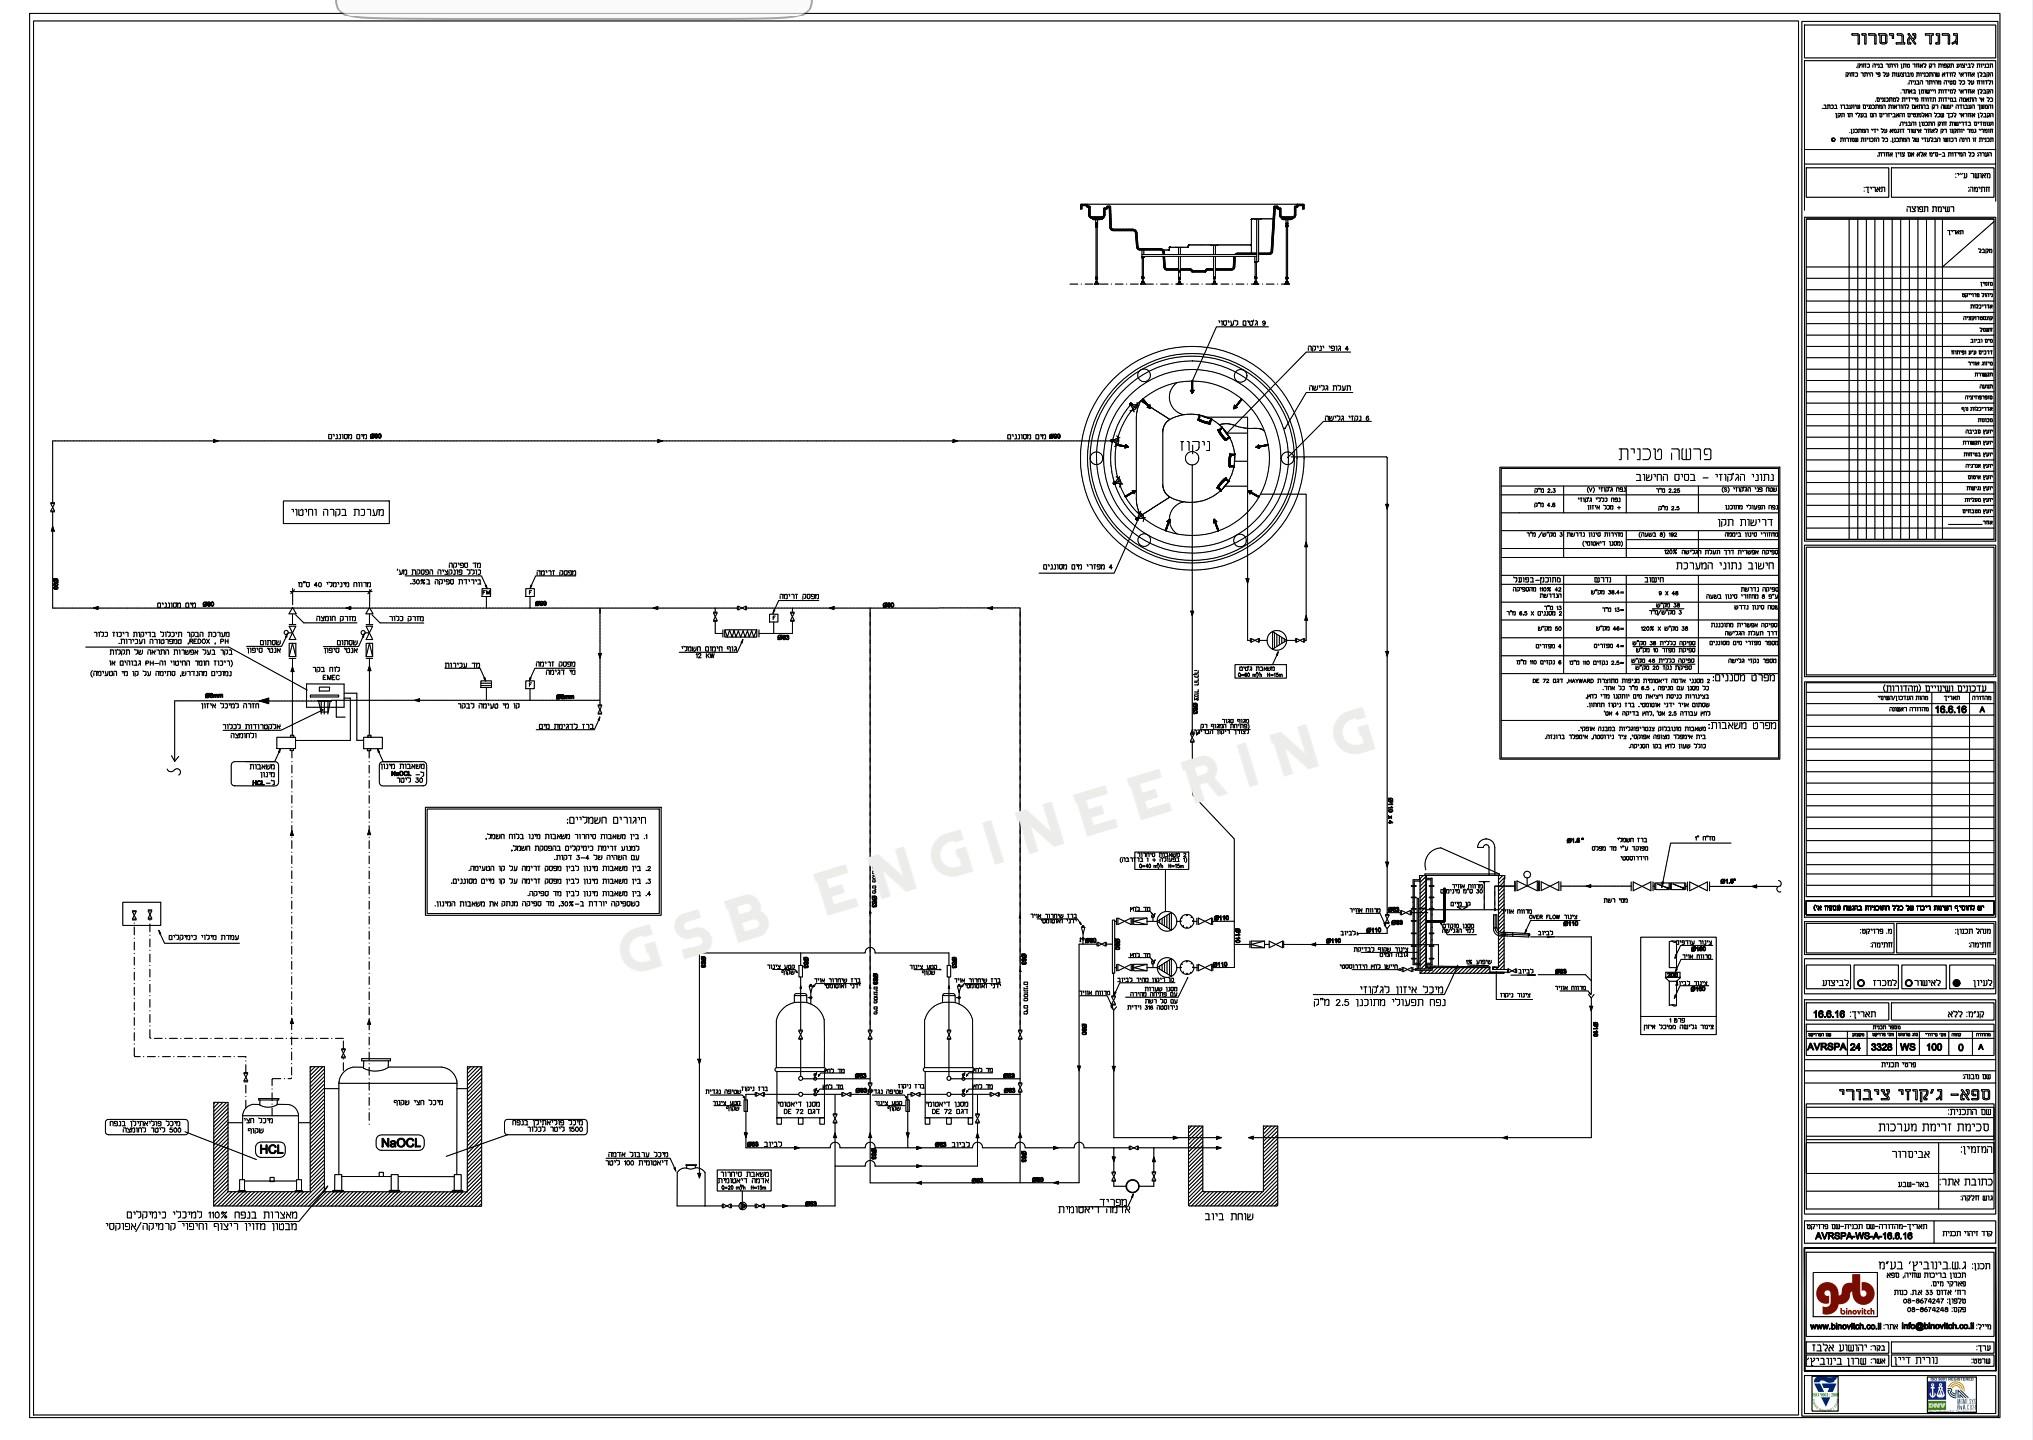 תכנון מתחם ספא עם ג'קוזי ציבורית וסאונות בפרוייקט גרנד אביסרור בבאר שבע